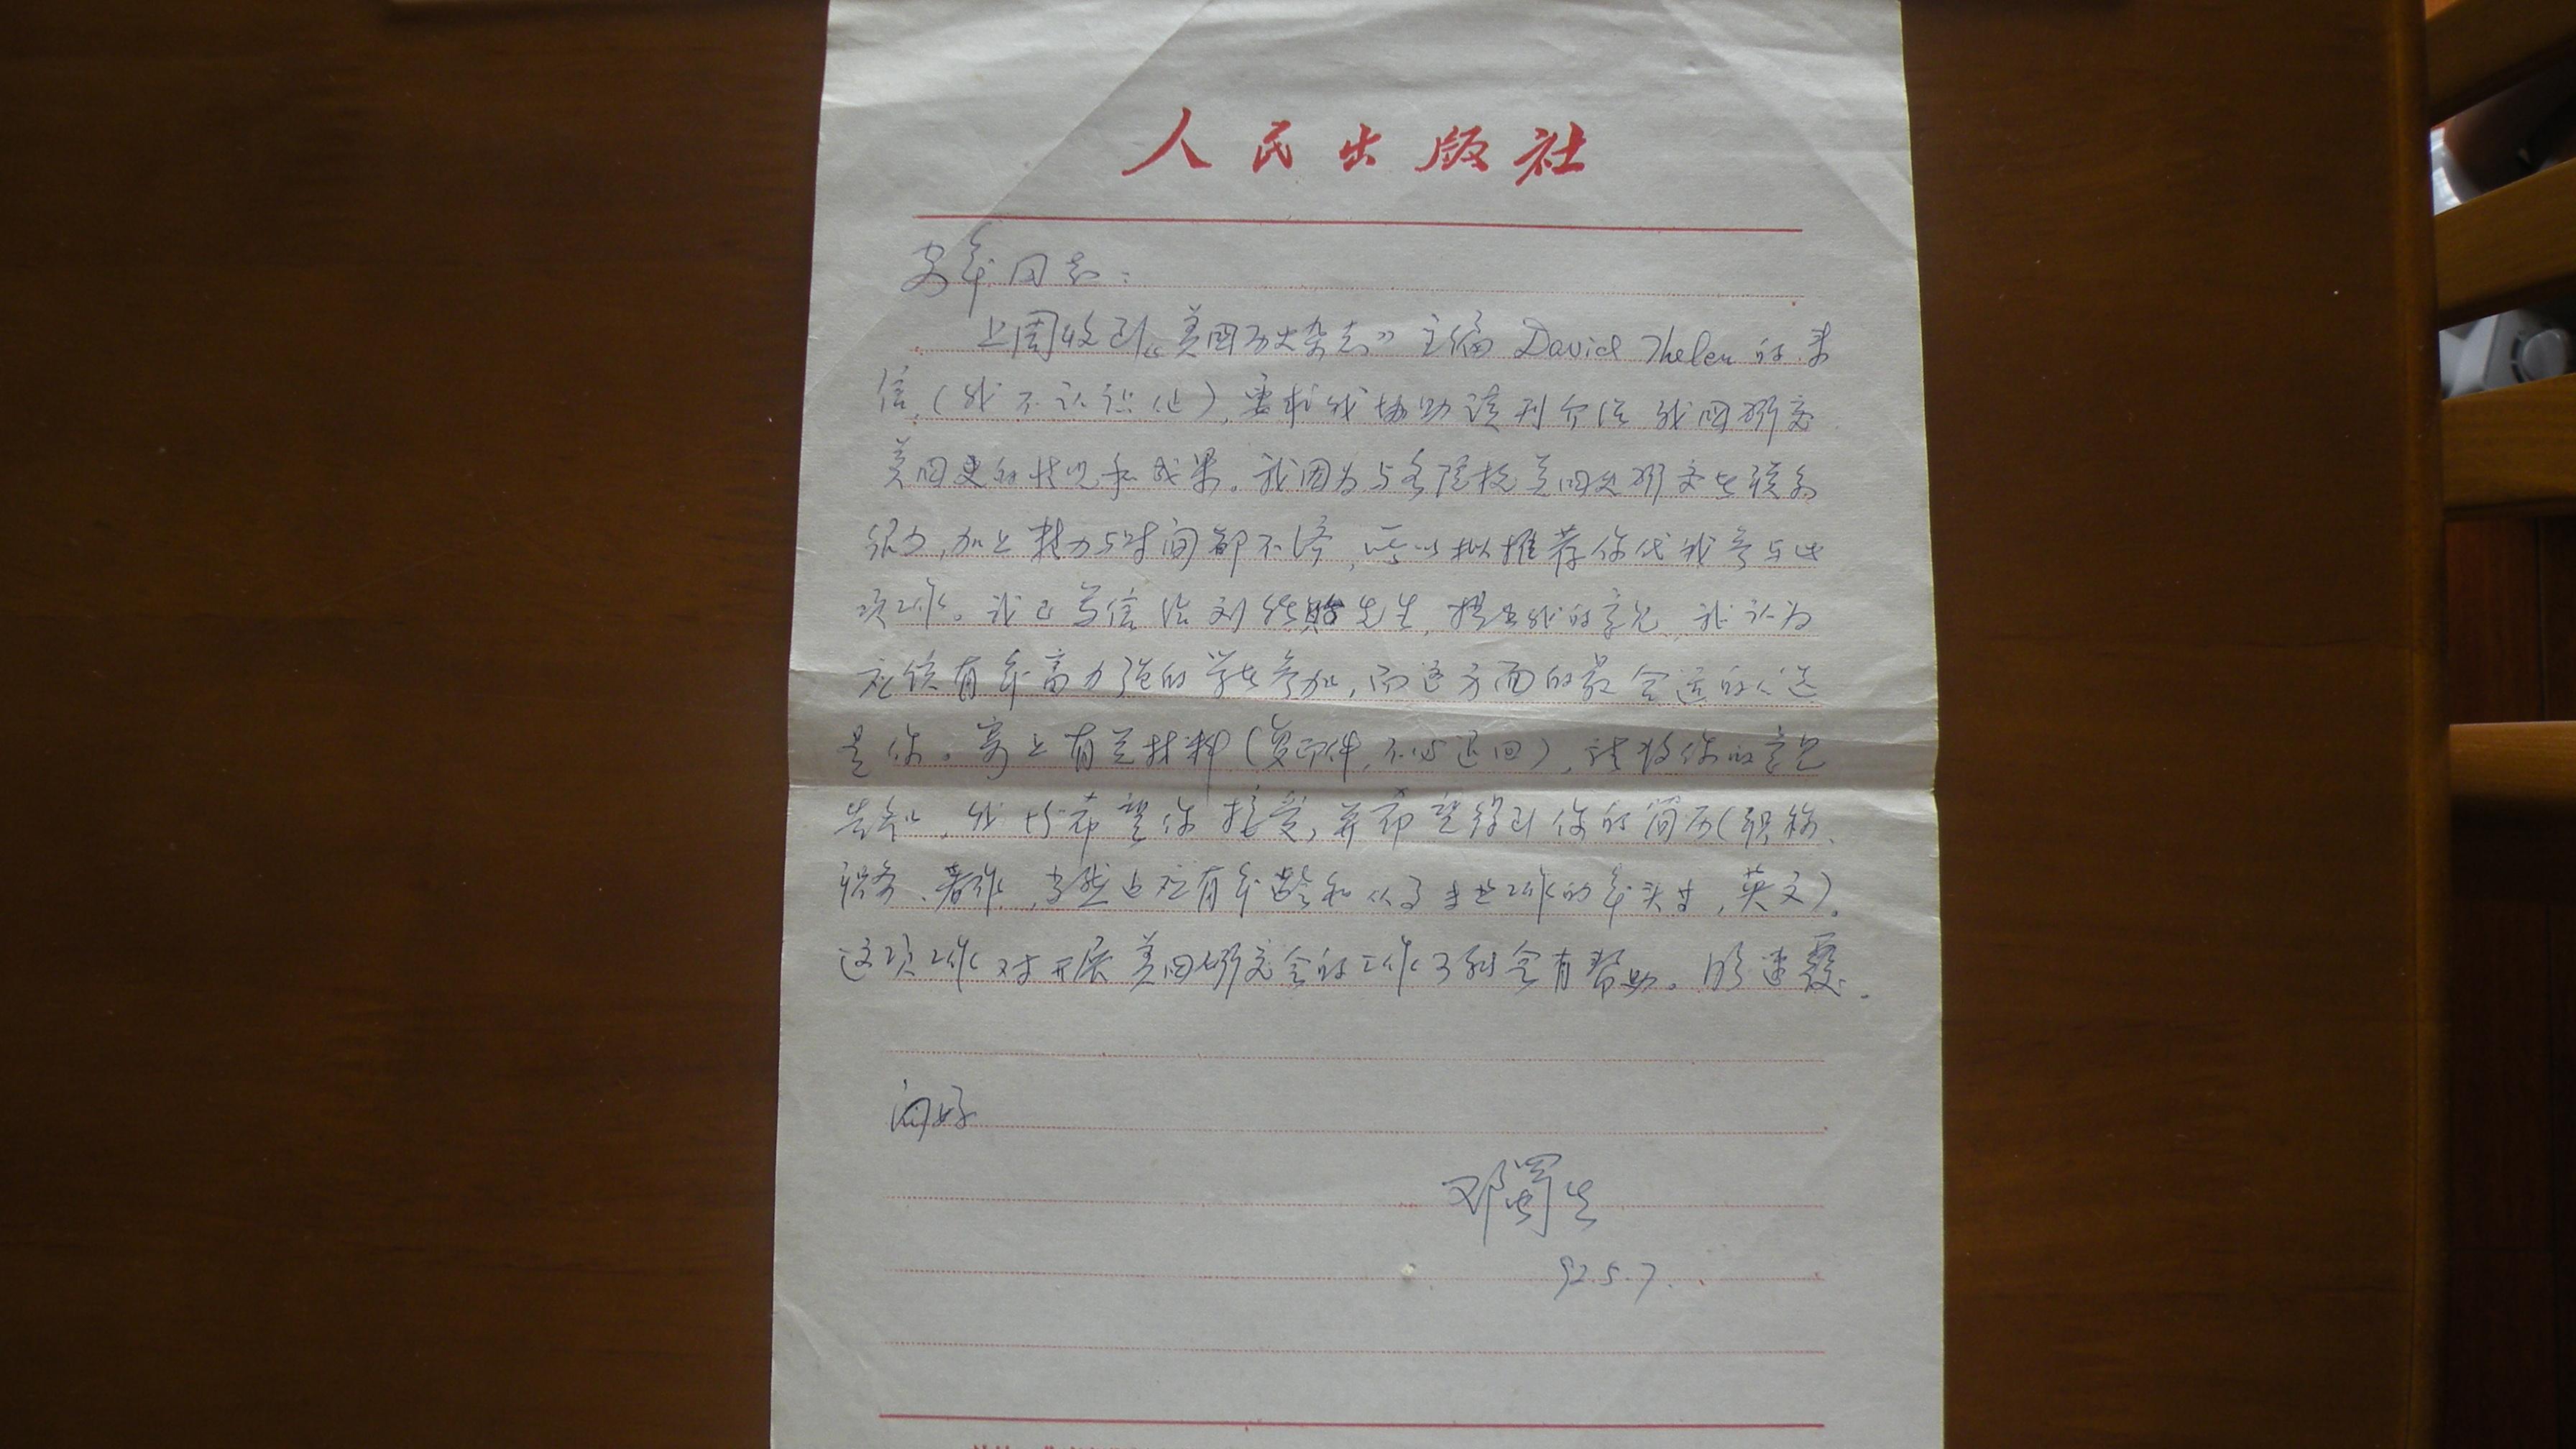 五28 1992年5月7日邓蜀生给黄安年的信.JPG